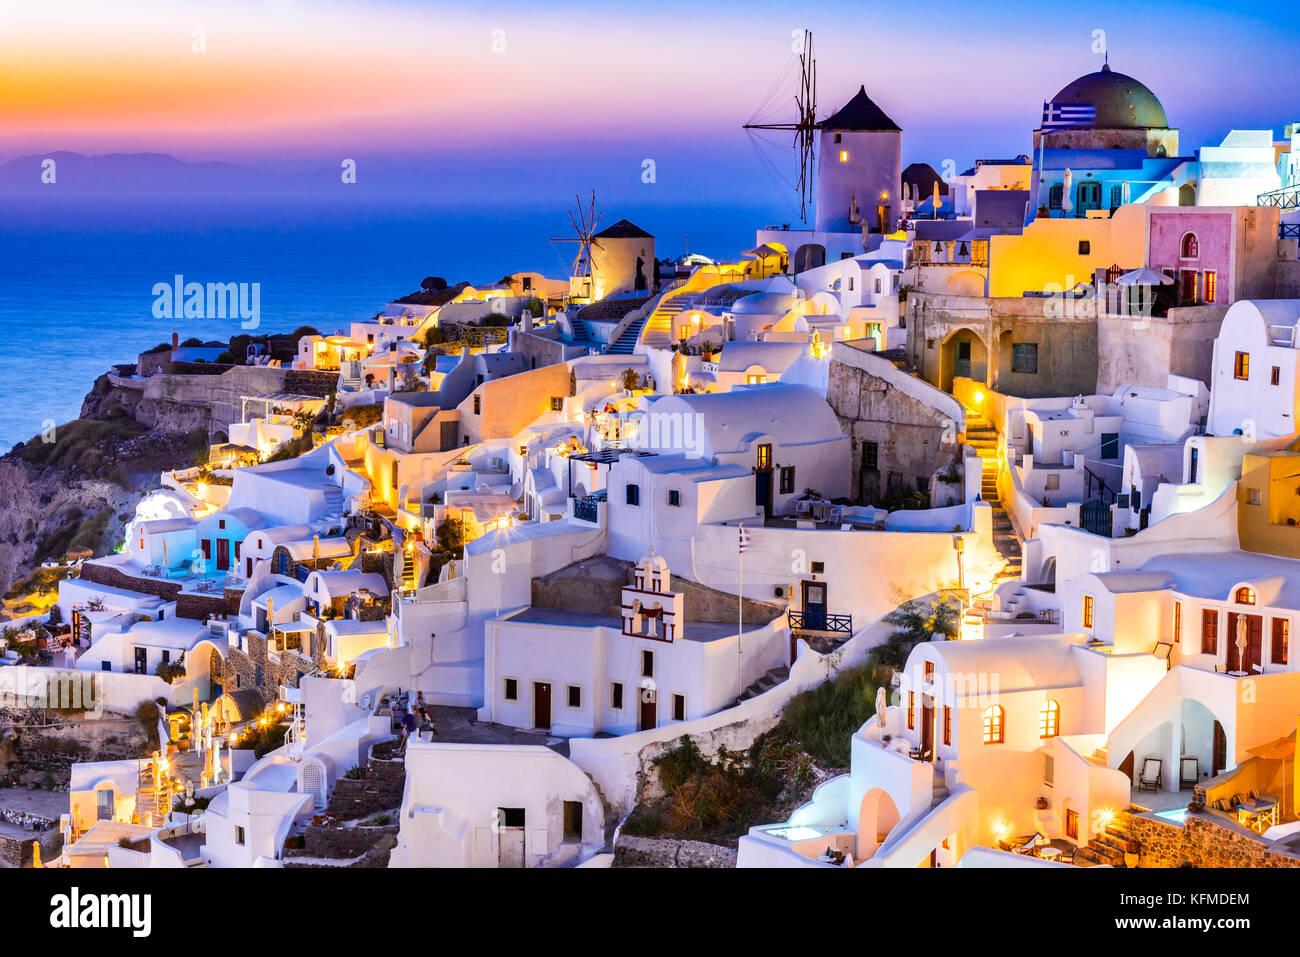 Oia, SANTORINI - Grecia. Atracción del idílico pueblo blanco con calles empedradas y los molinos de viento, Imagen De Stock